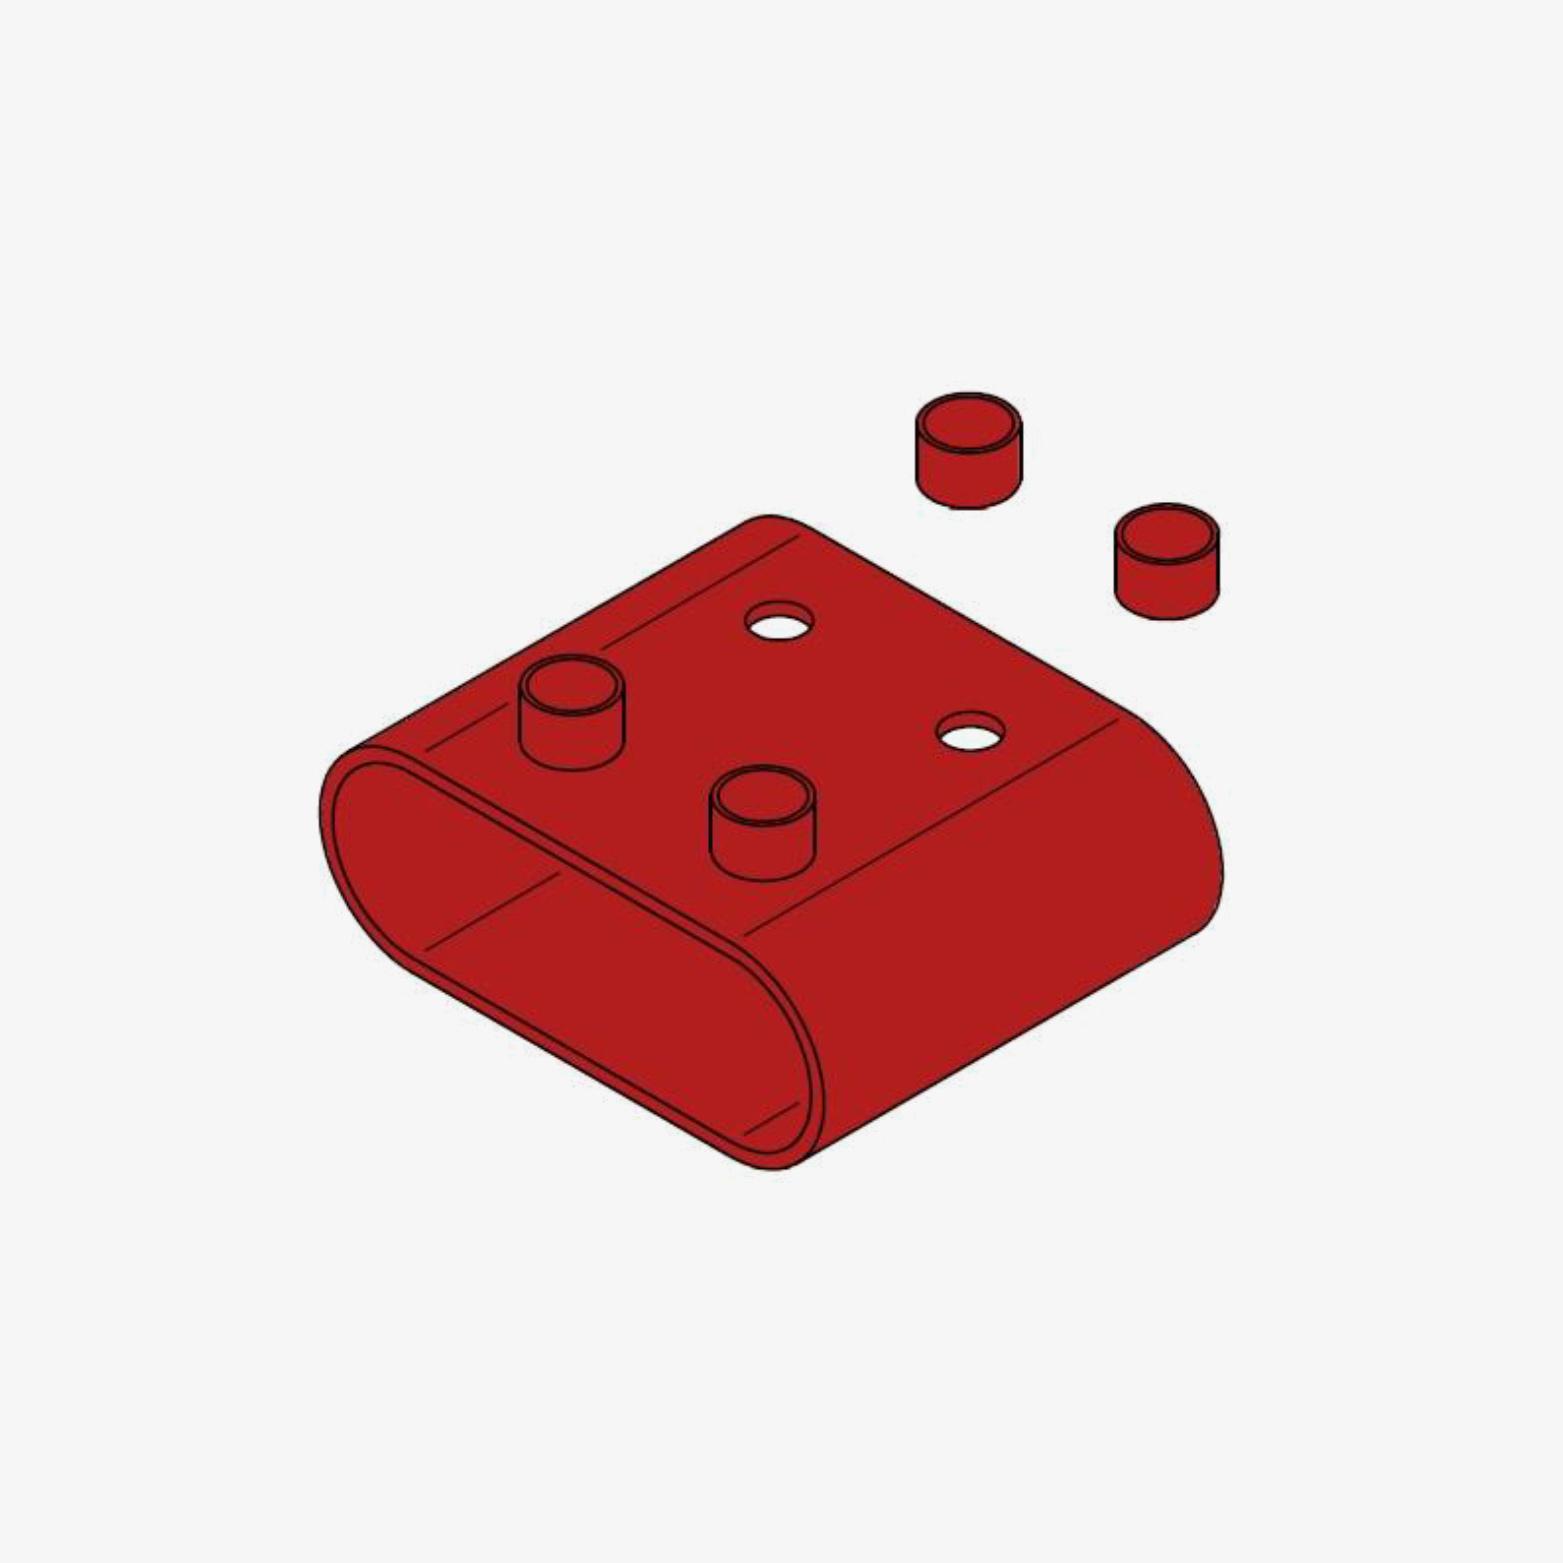 Rahmen Form C, oval, VG88700-3 mit vier Vergießöffnungen